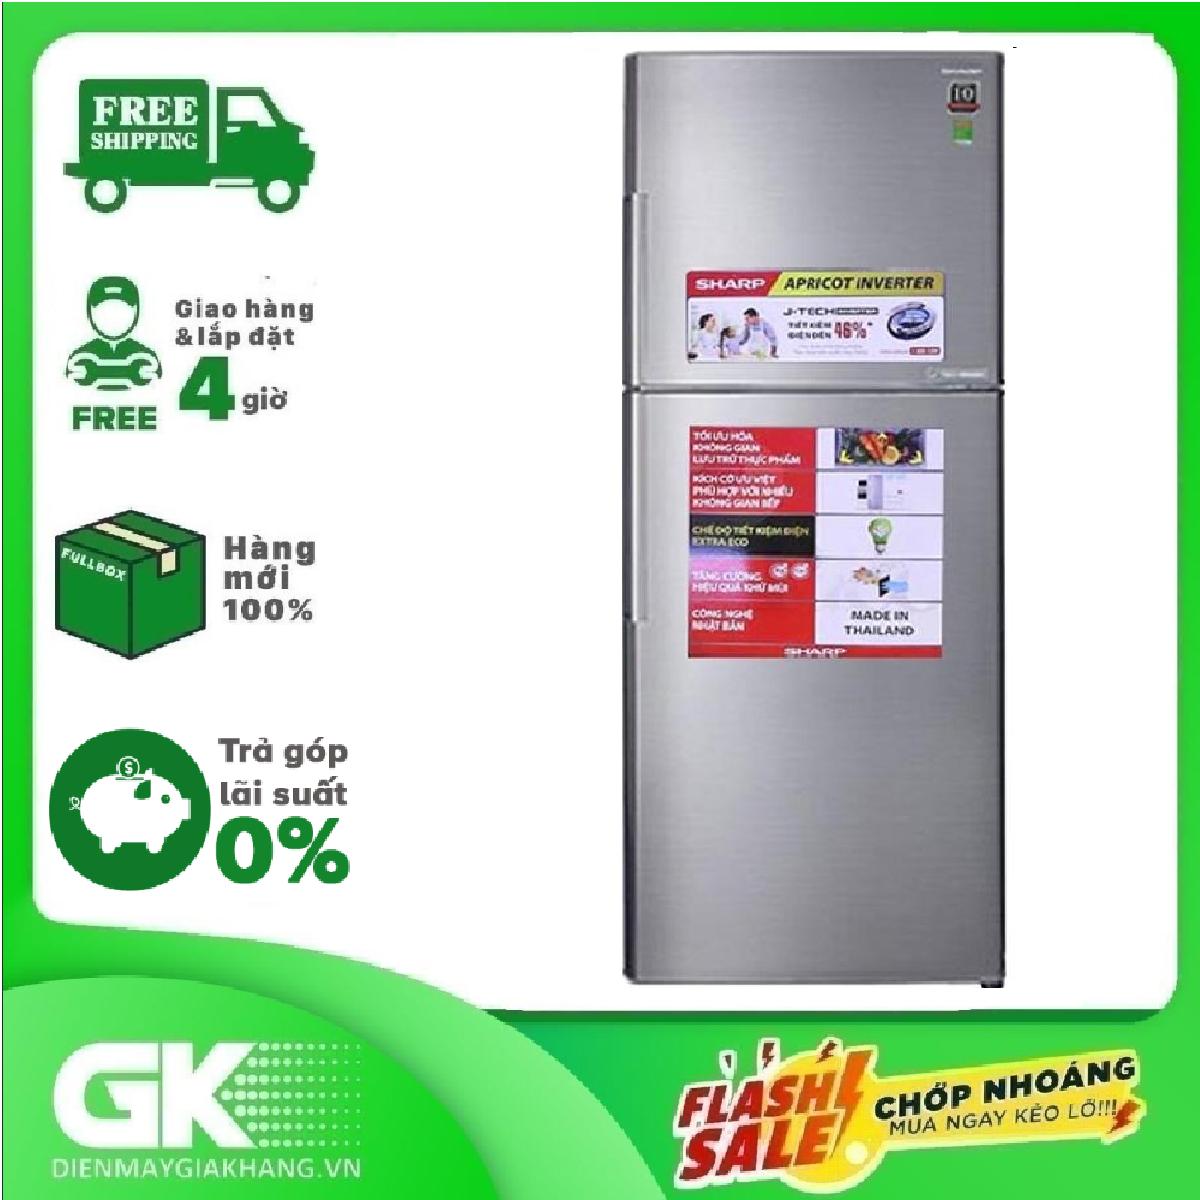 [GIAO HÀNG 2 – 15 NGÀY, TRỄ NHẤT 30.09] TRẢ GÓP 0% – Tủ lạnh Sharp Inverter 314 lít SJ-X316E-SL- Bảo hành 12 tháng